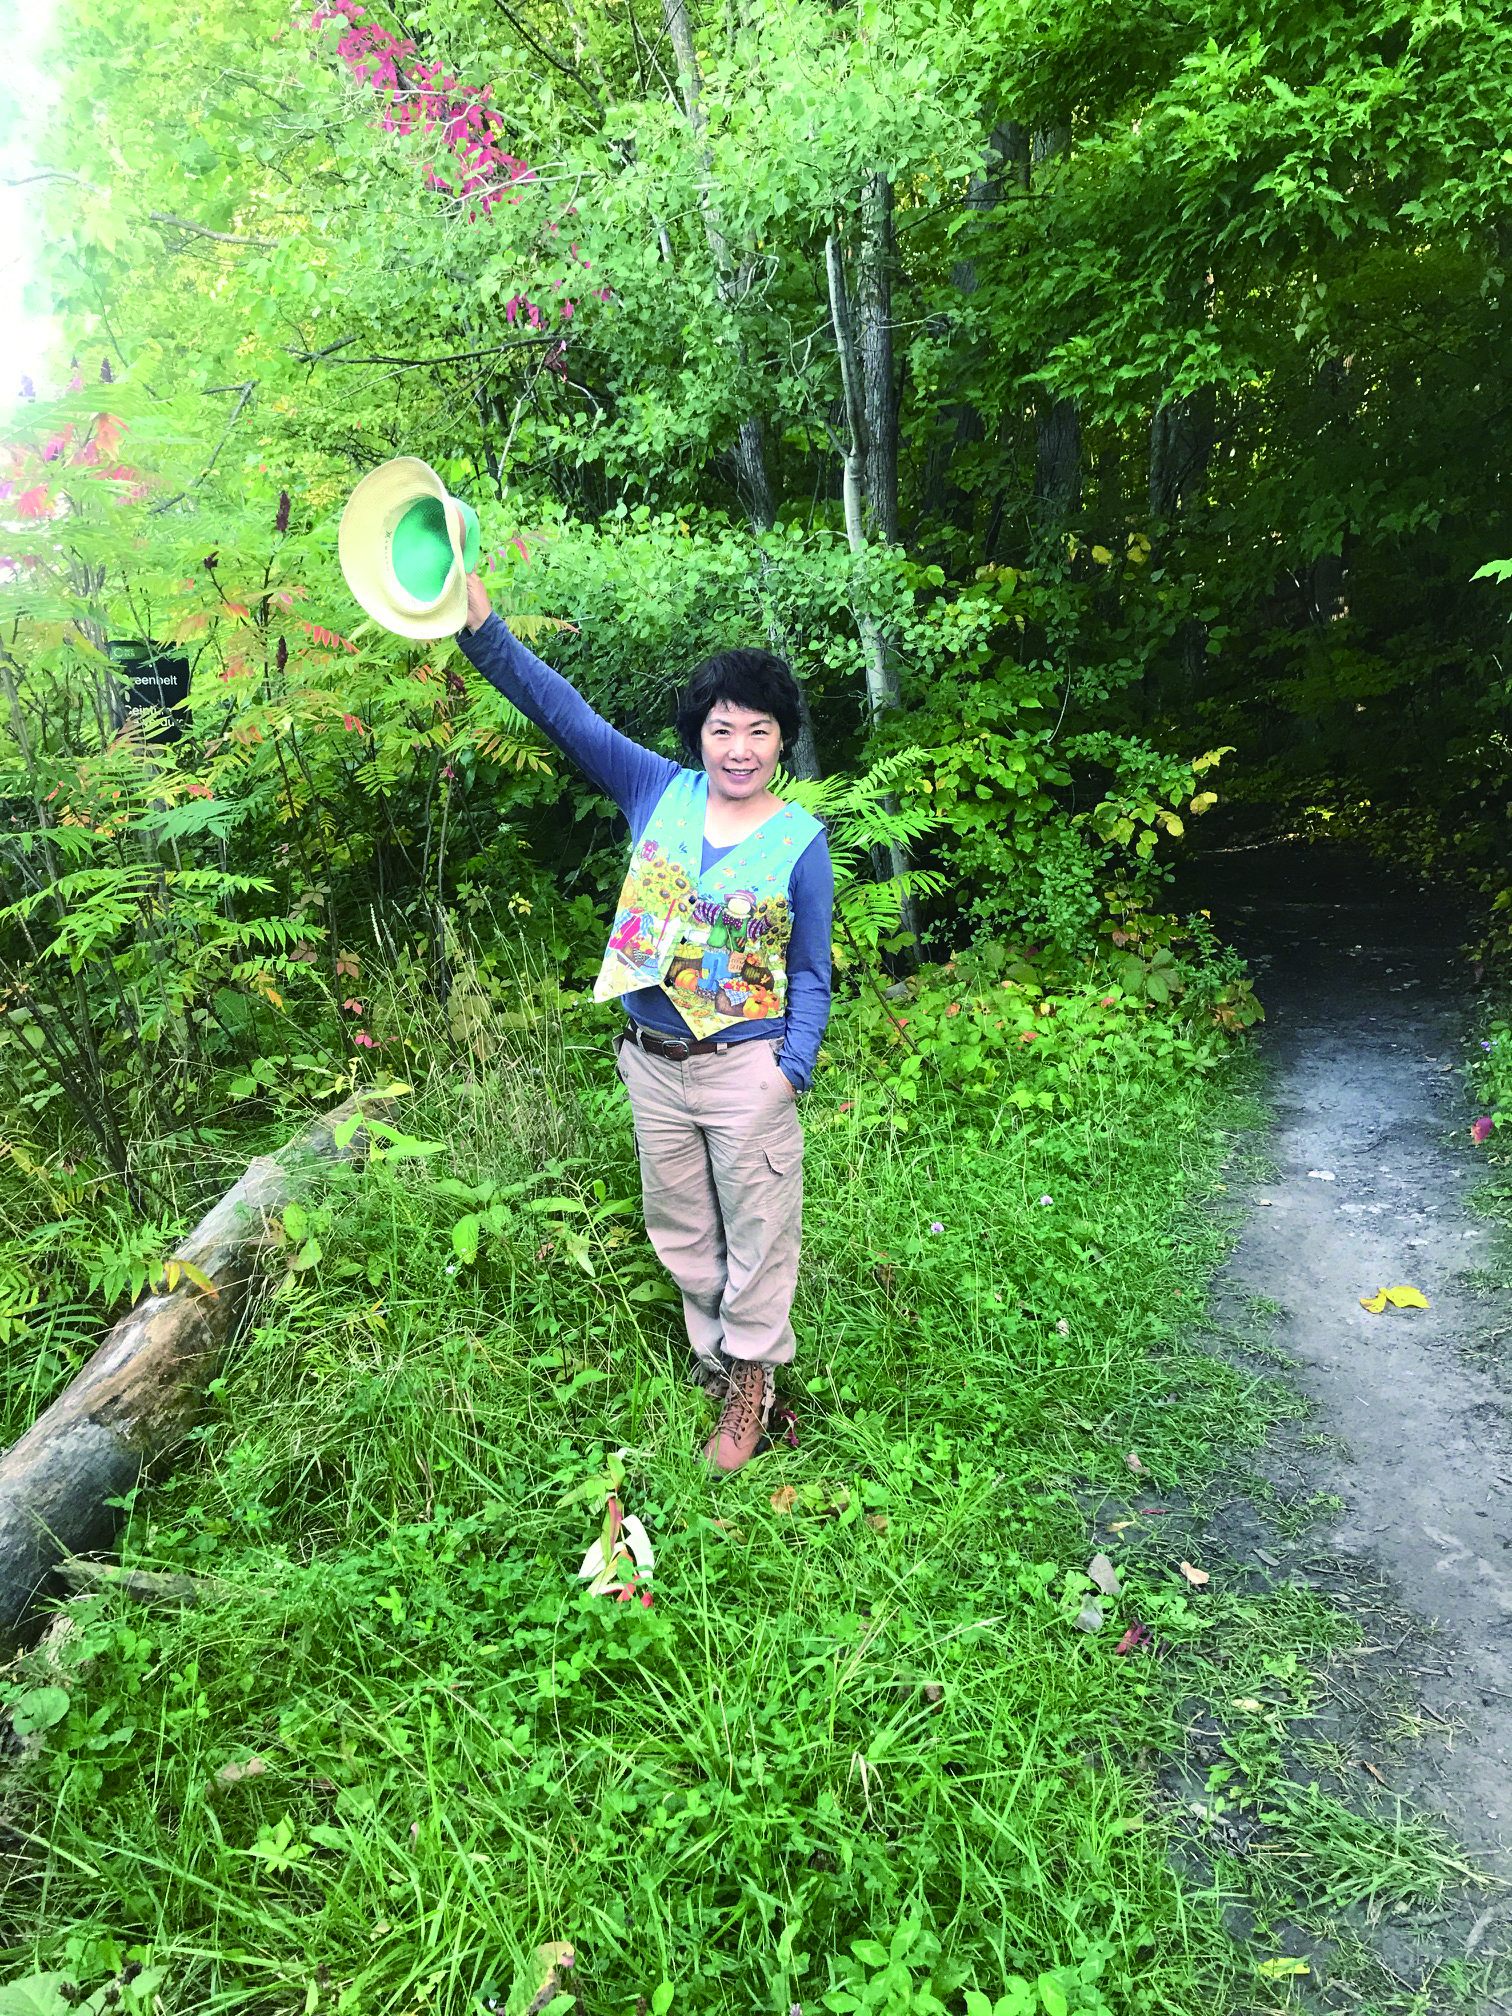 瑞荣和她创作的盆景艺术